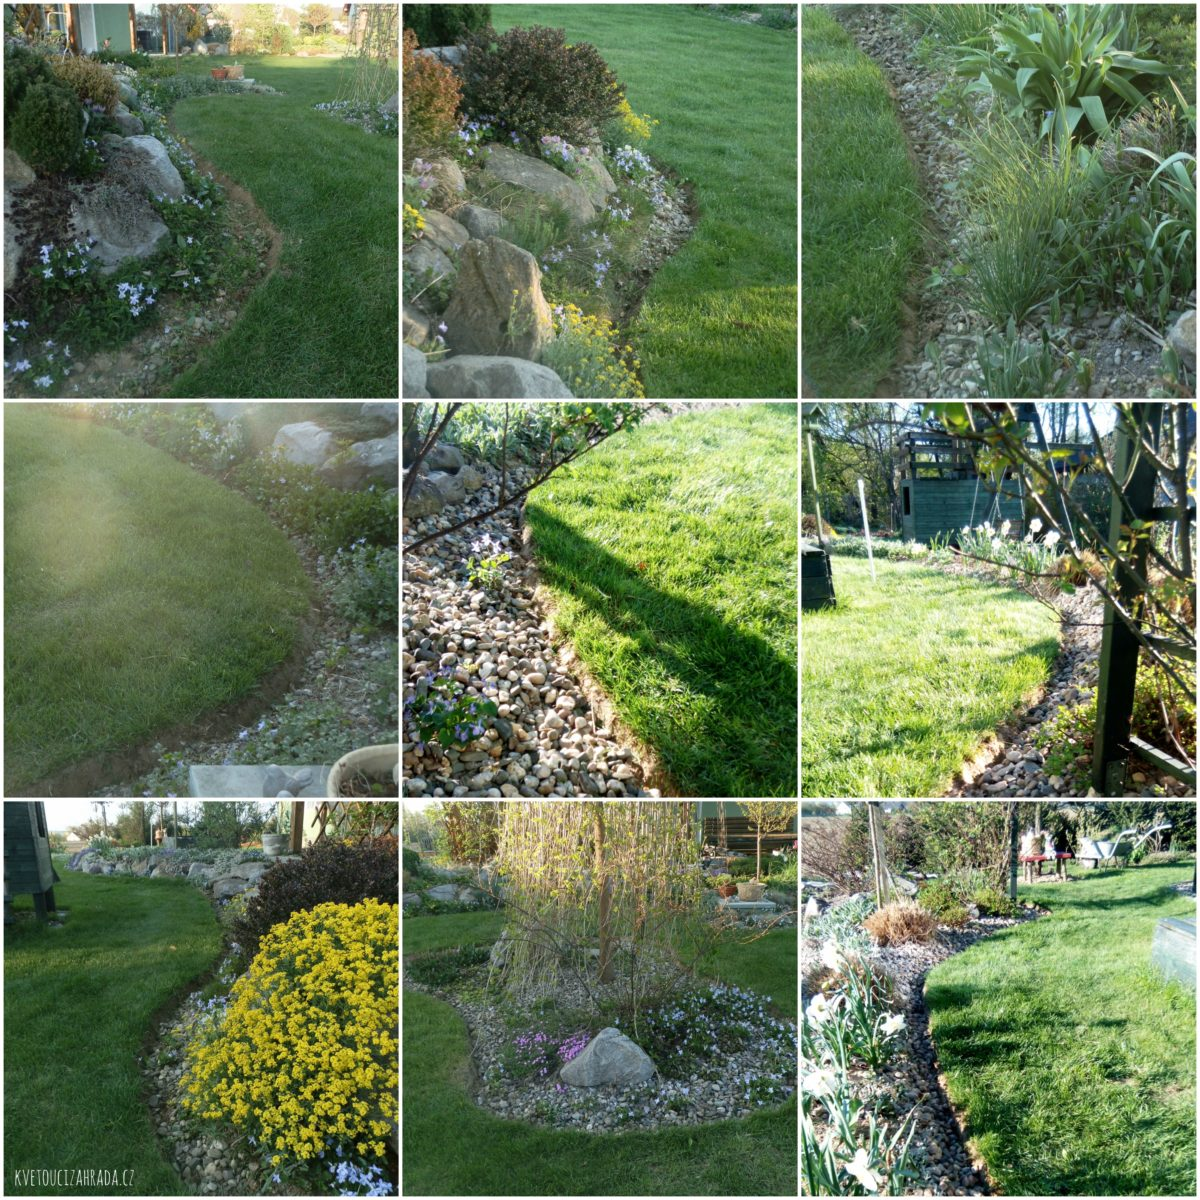 Jak oddělit trávník od záhonů? Jde to i bez obrubníků!